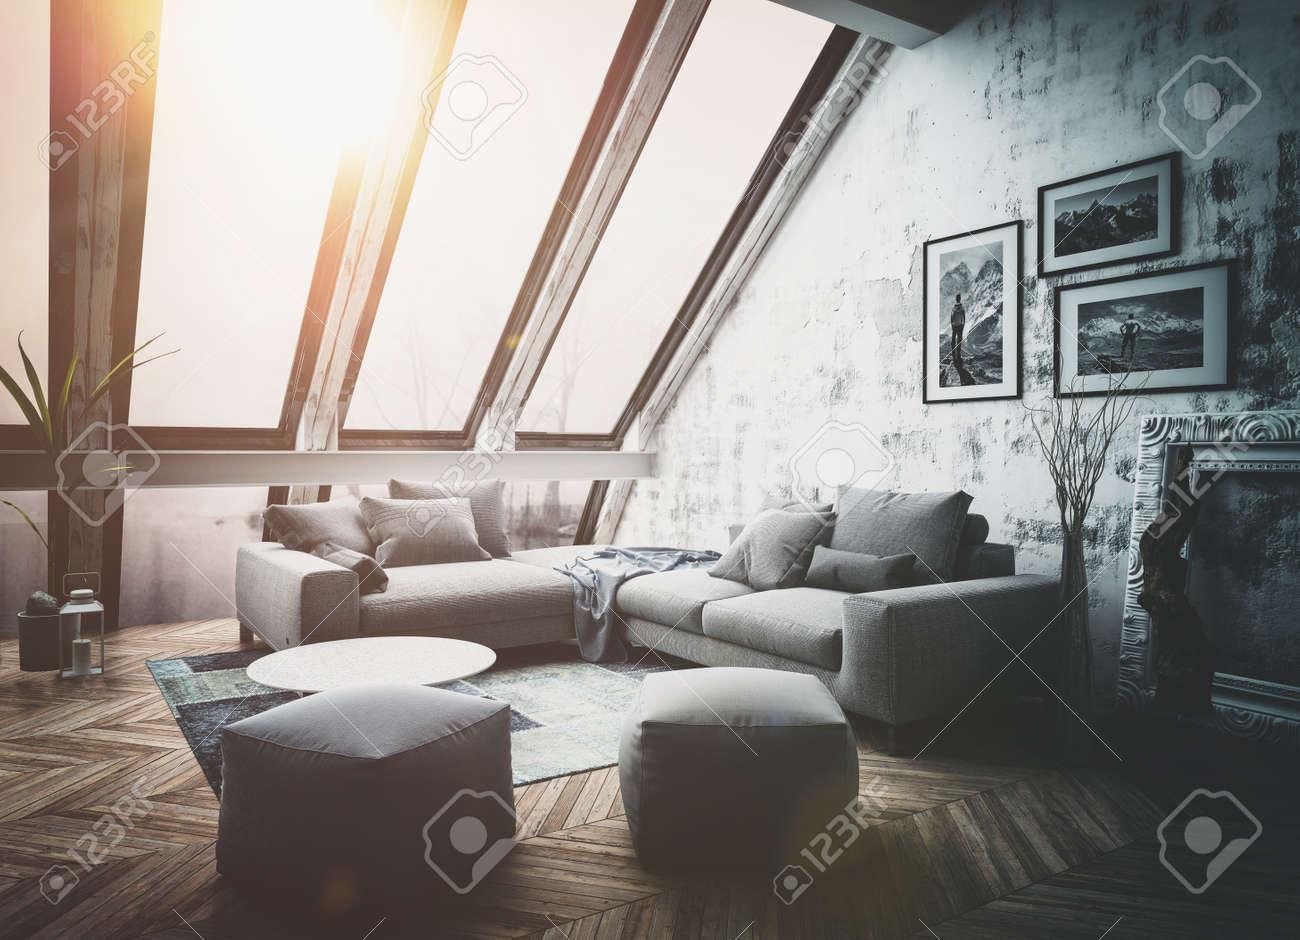 Sunny Dachwohnung Interieur Mit Großen Vertikalen Fenstern, Sofa ...